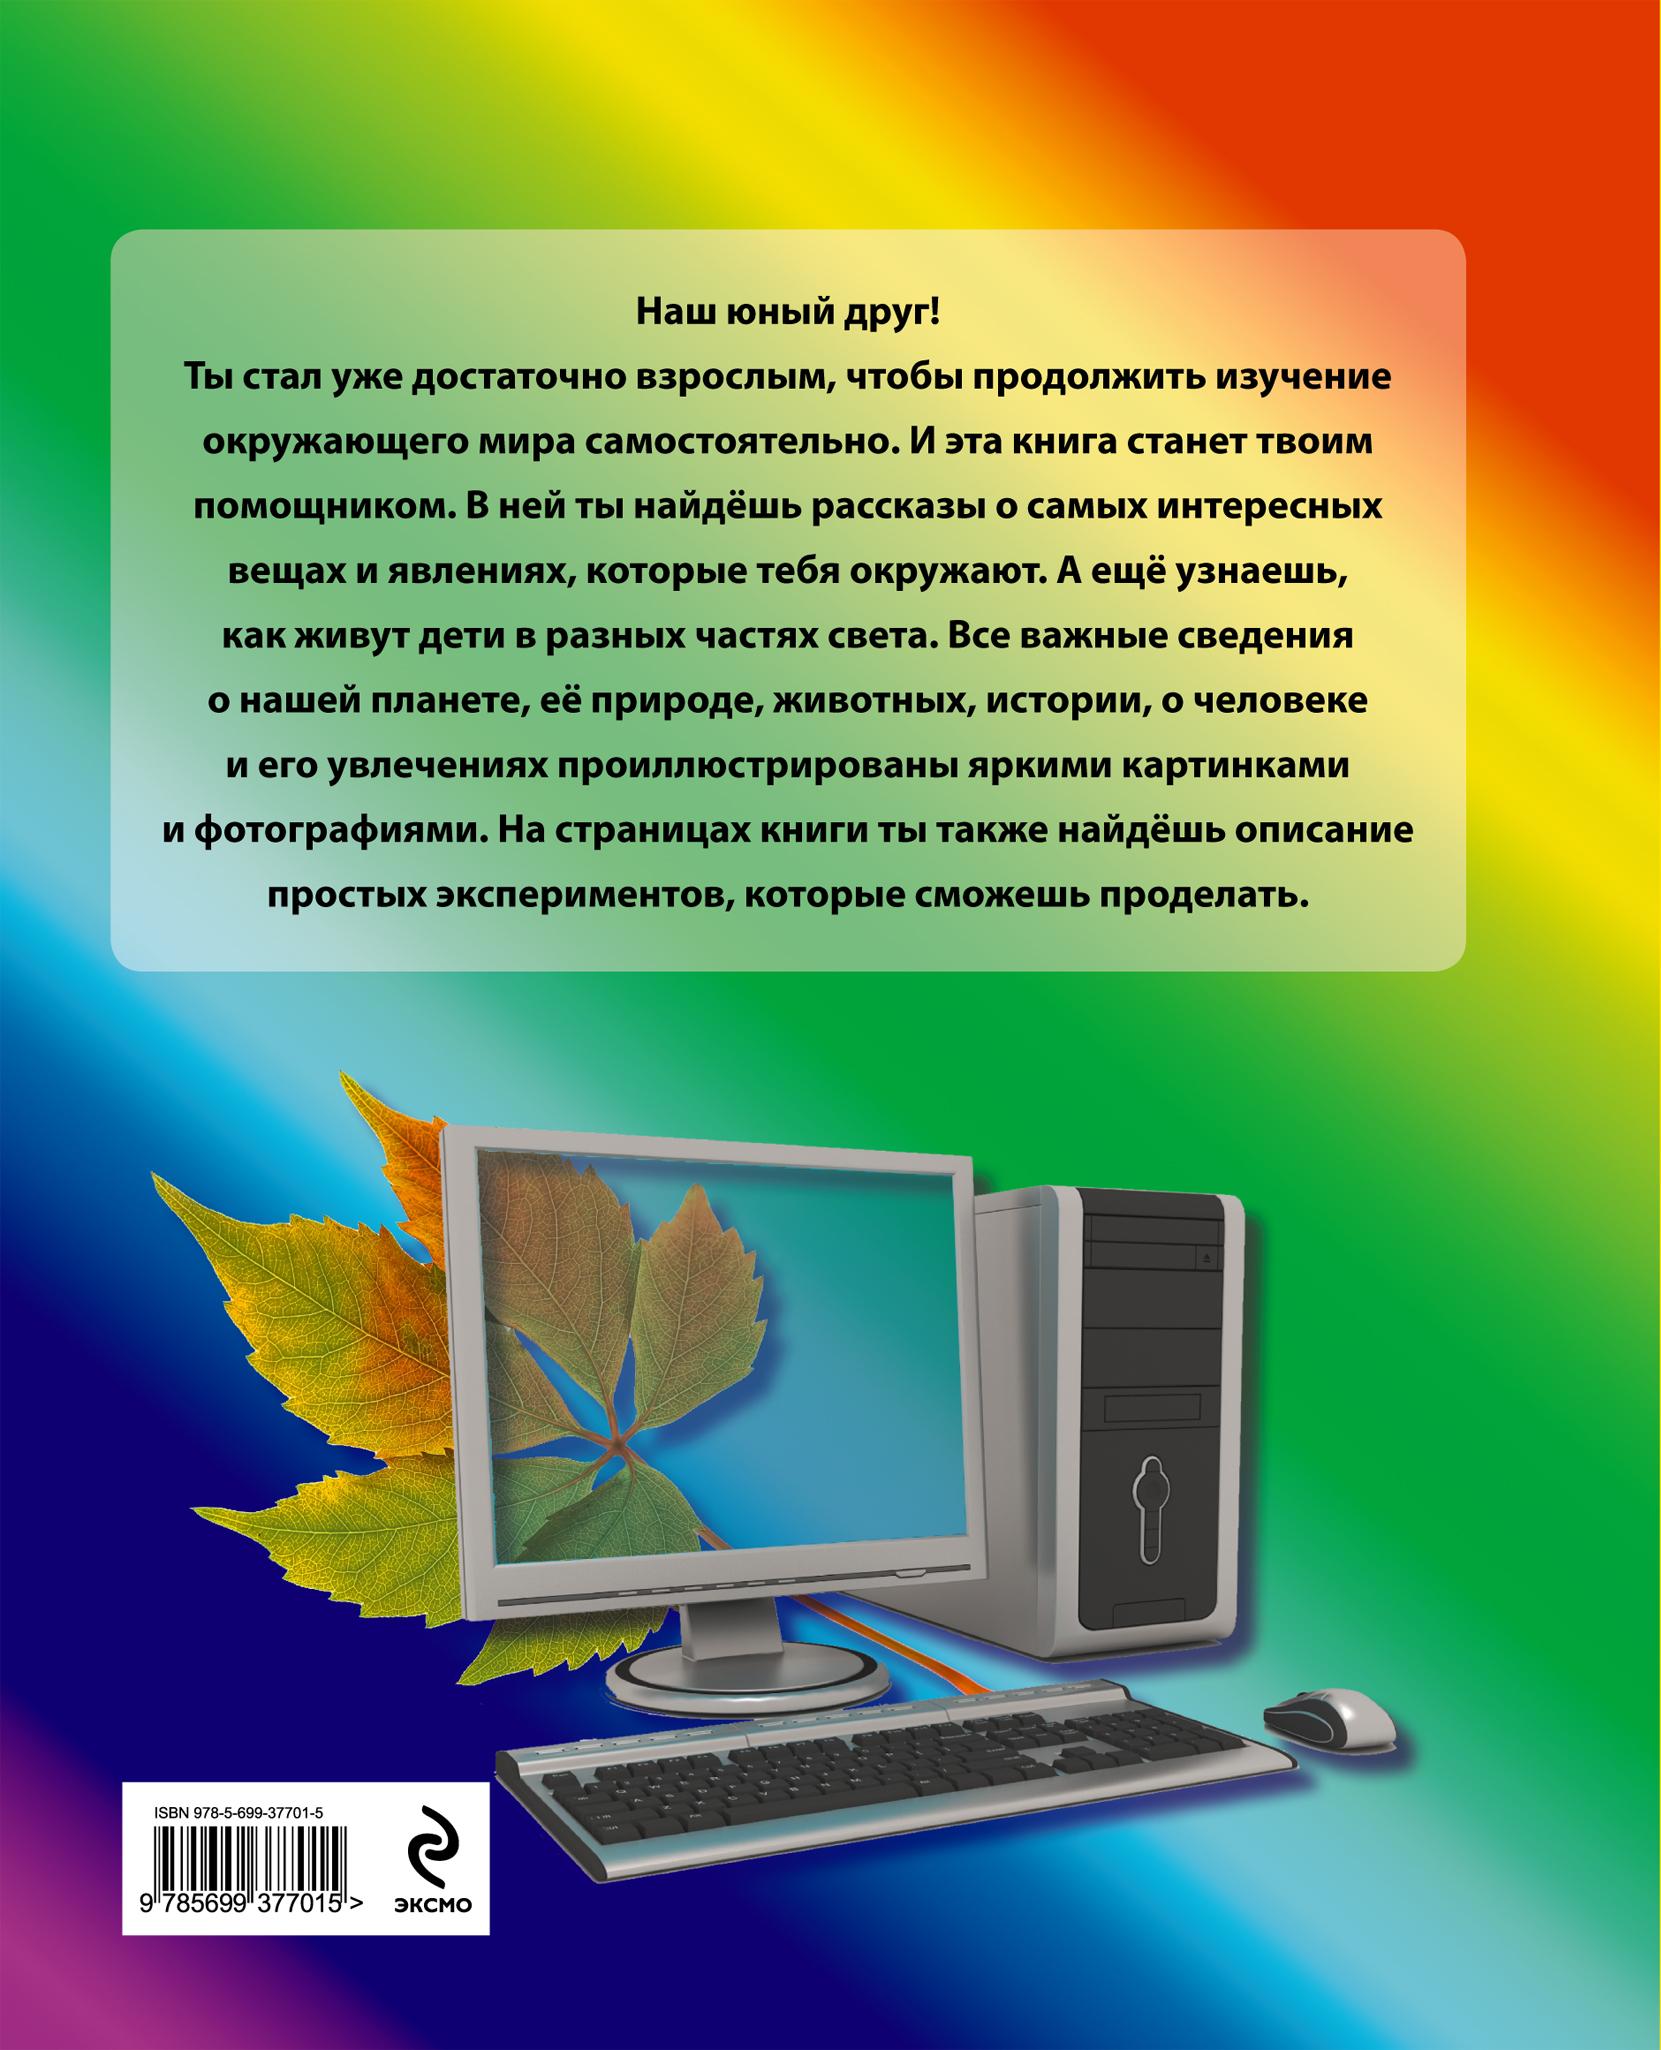 Источник: Первая книга знаний для школьника